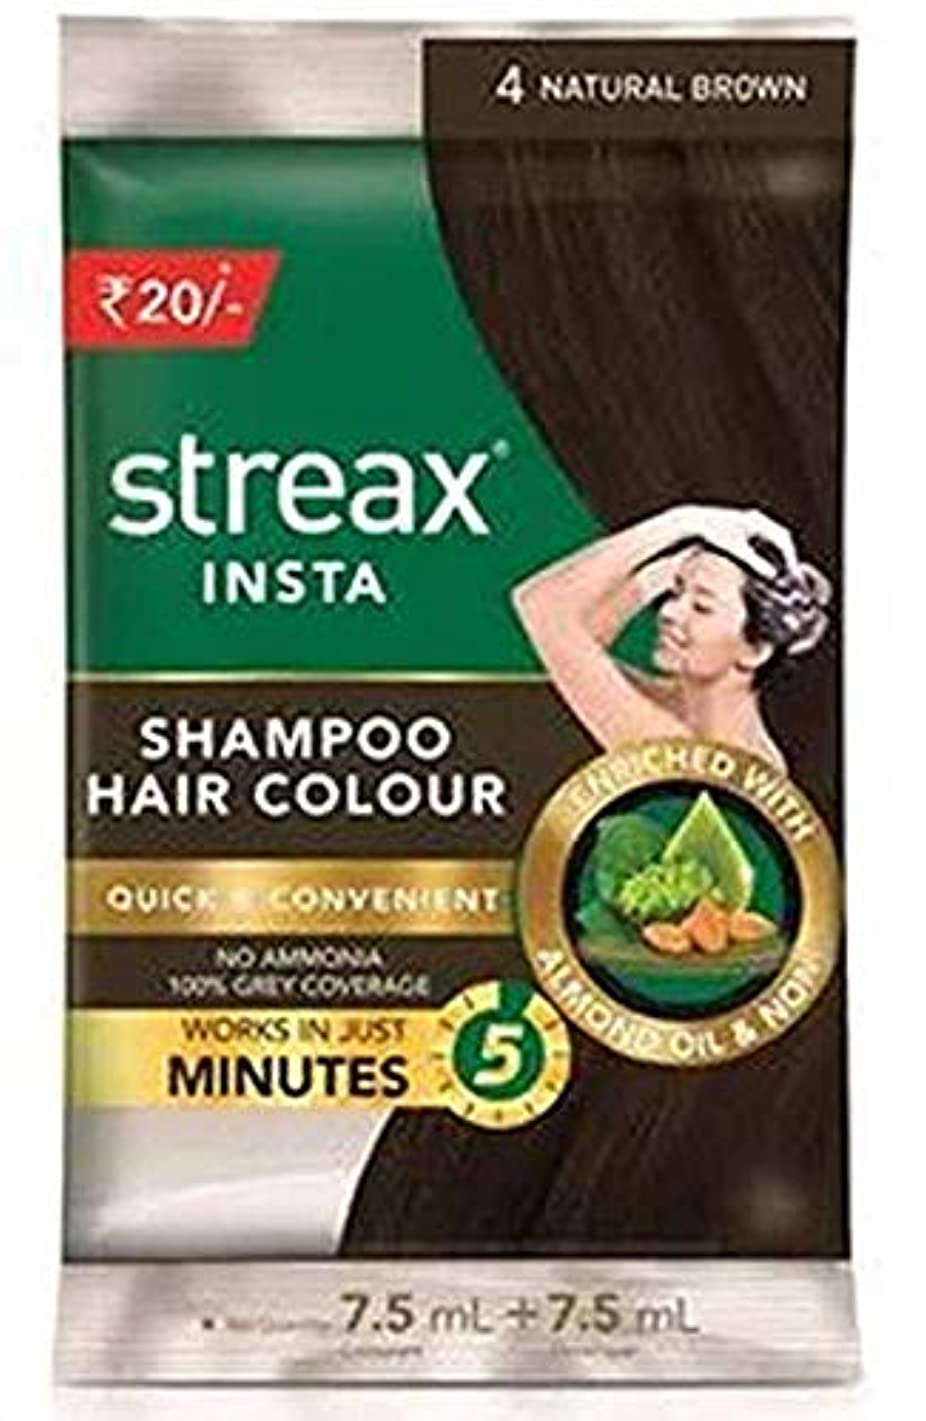 放送委託五月Omg-deal 3 Pack Streax Shampoo Natural Brown Hair Colour